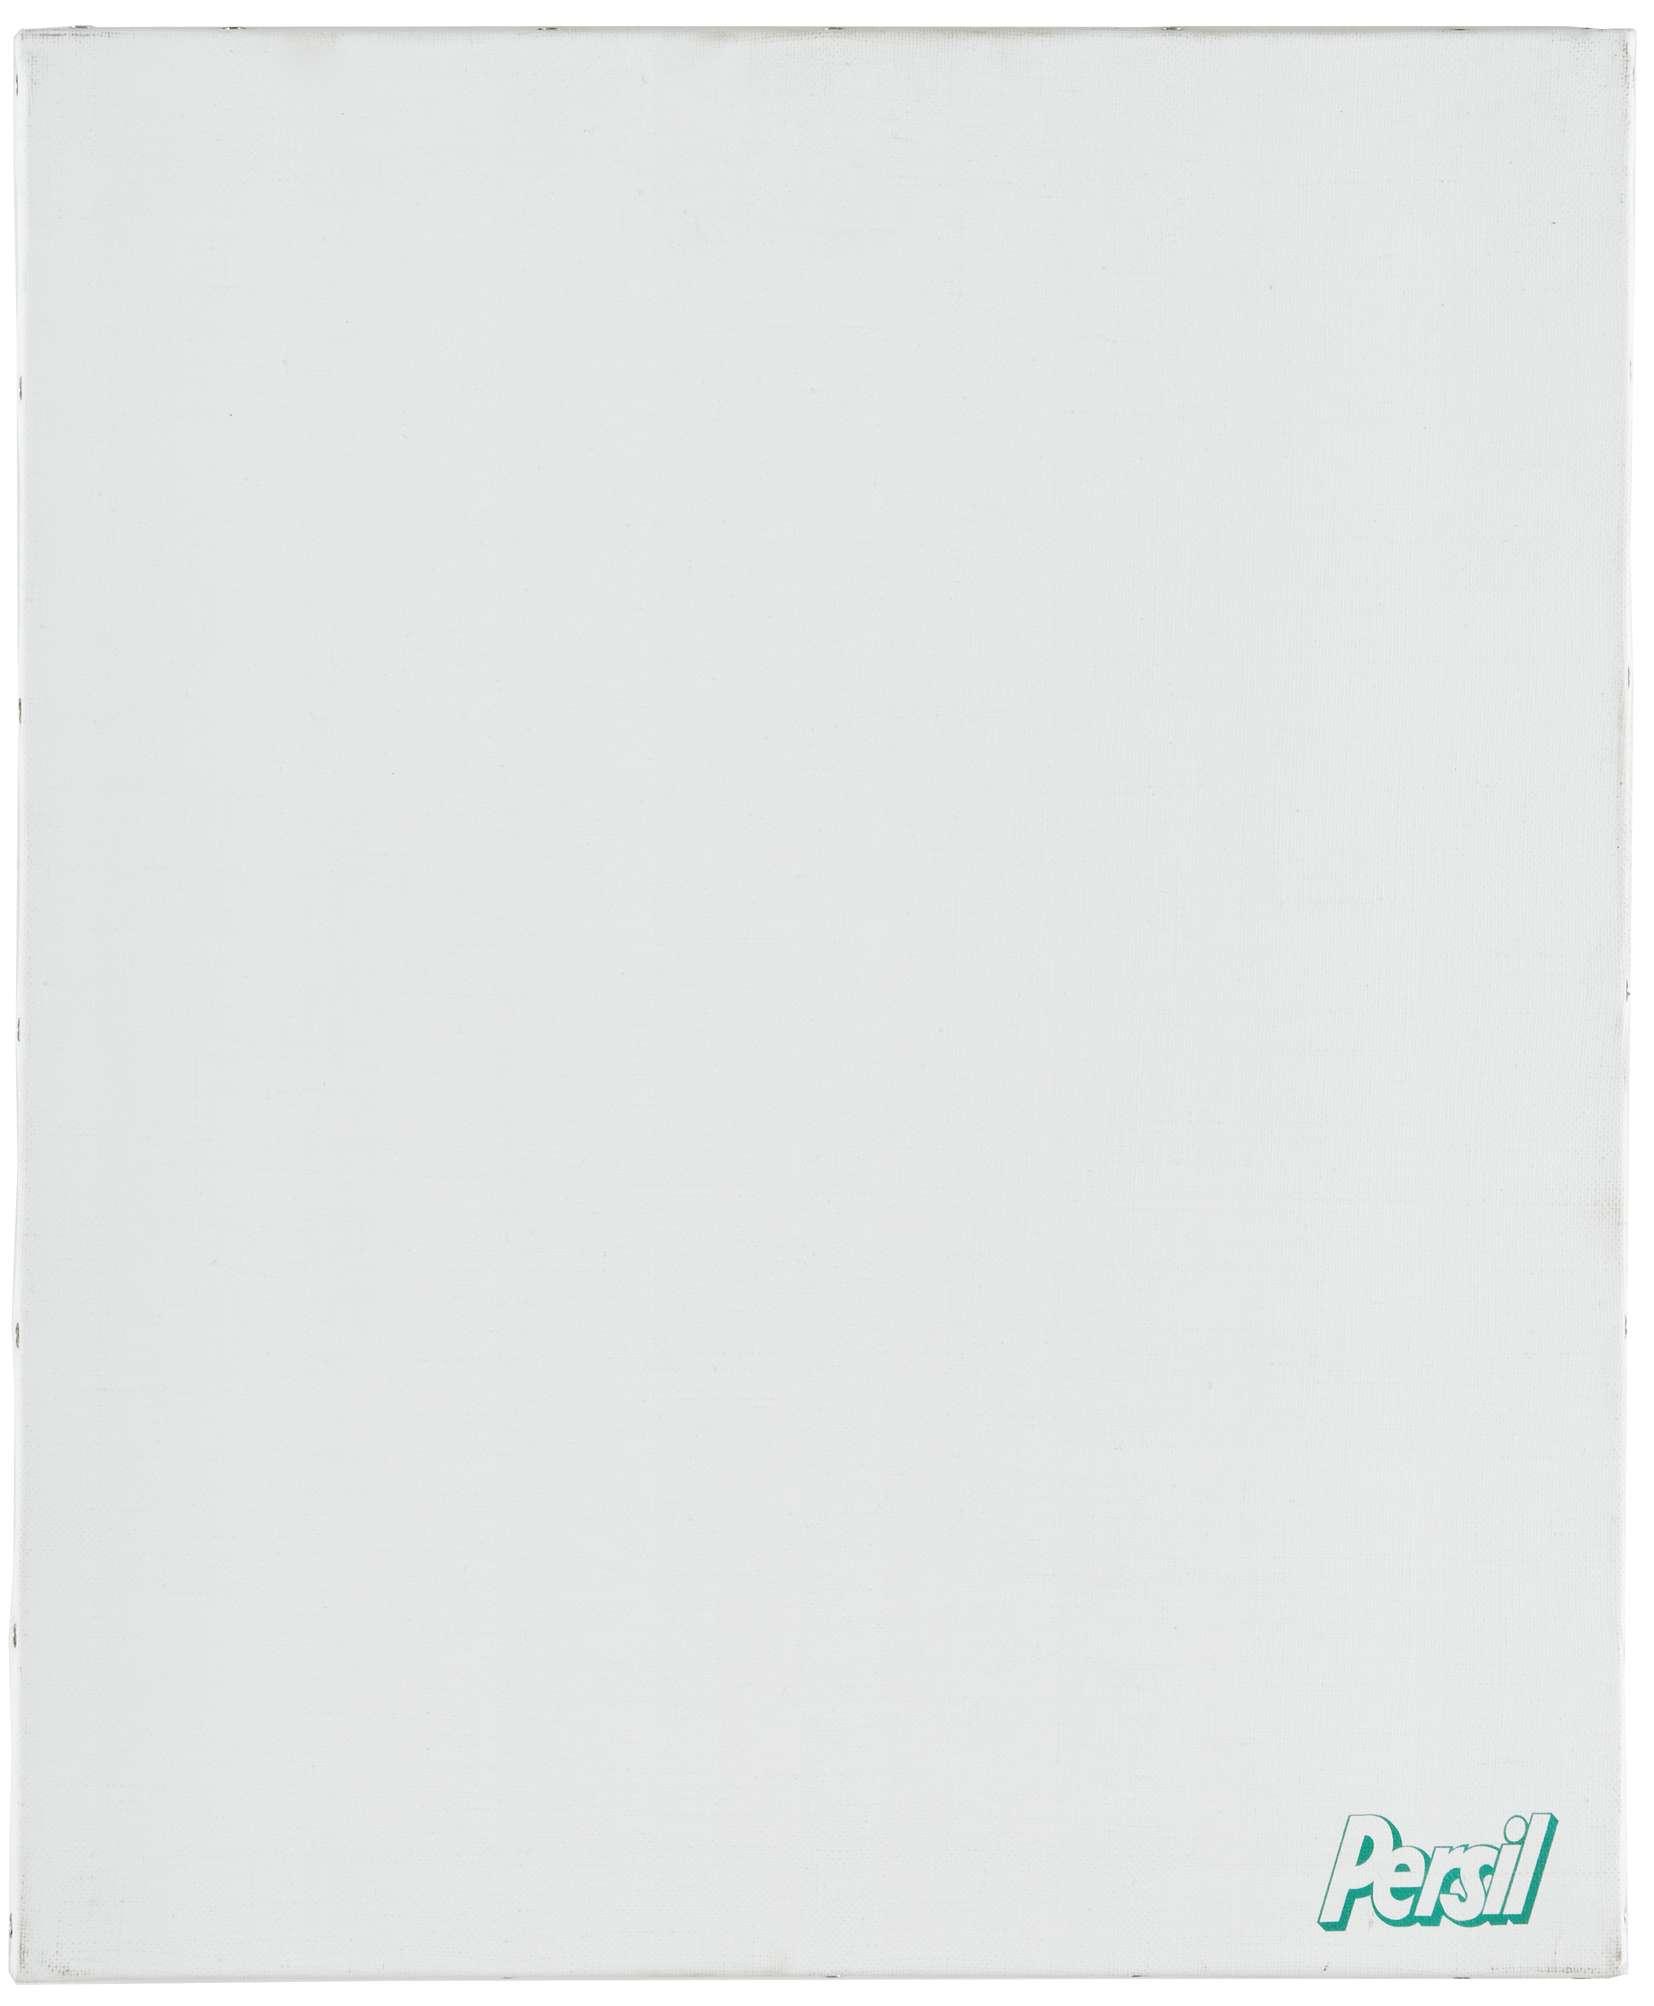 Présence Panchounette, Monochrome lessive (Persil), 1988 Acrylique et décalcomanie sur toile46 x 38 cm / 18 1/8 x 15  inches